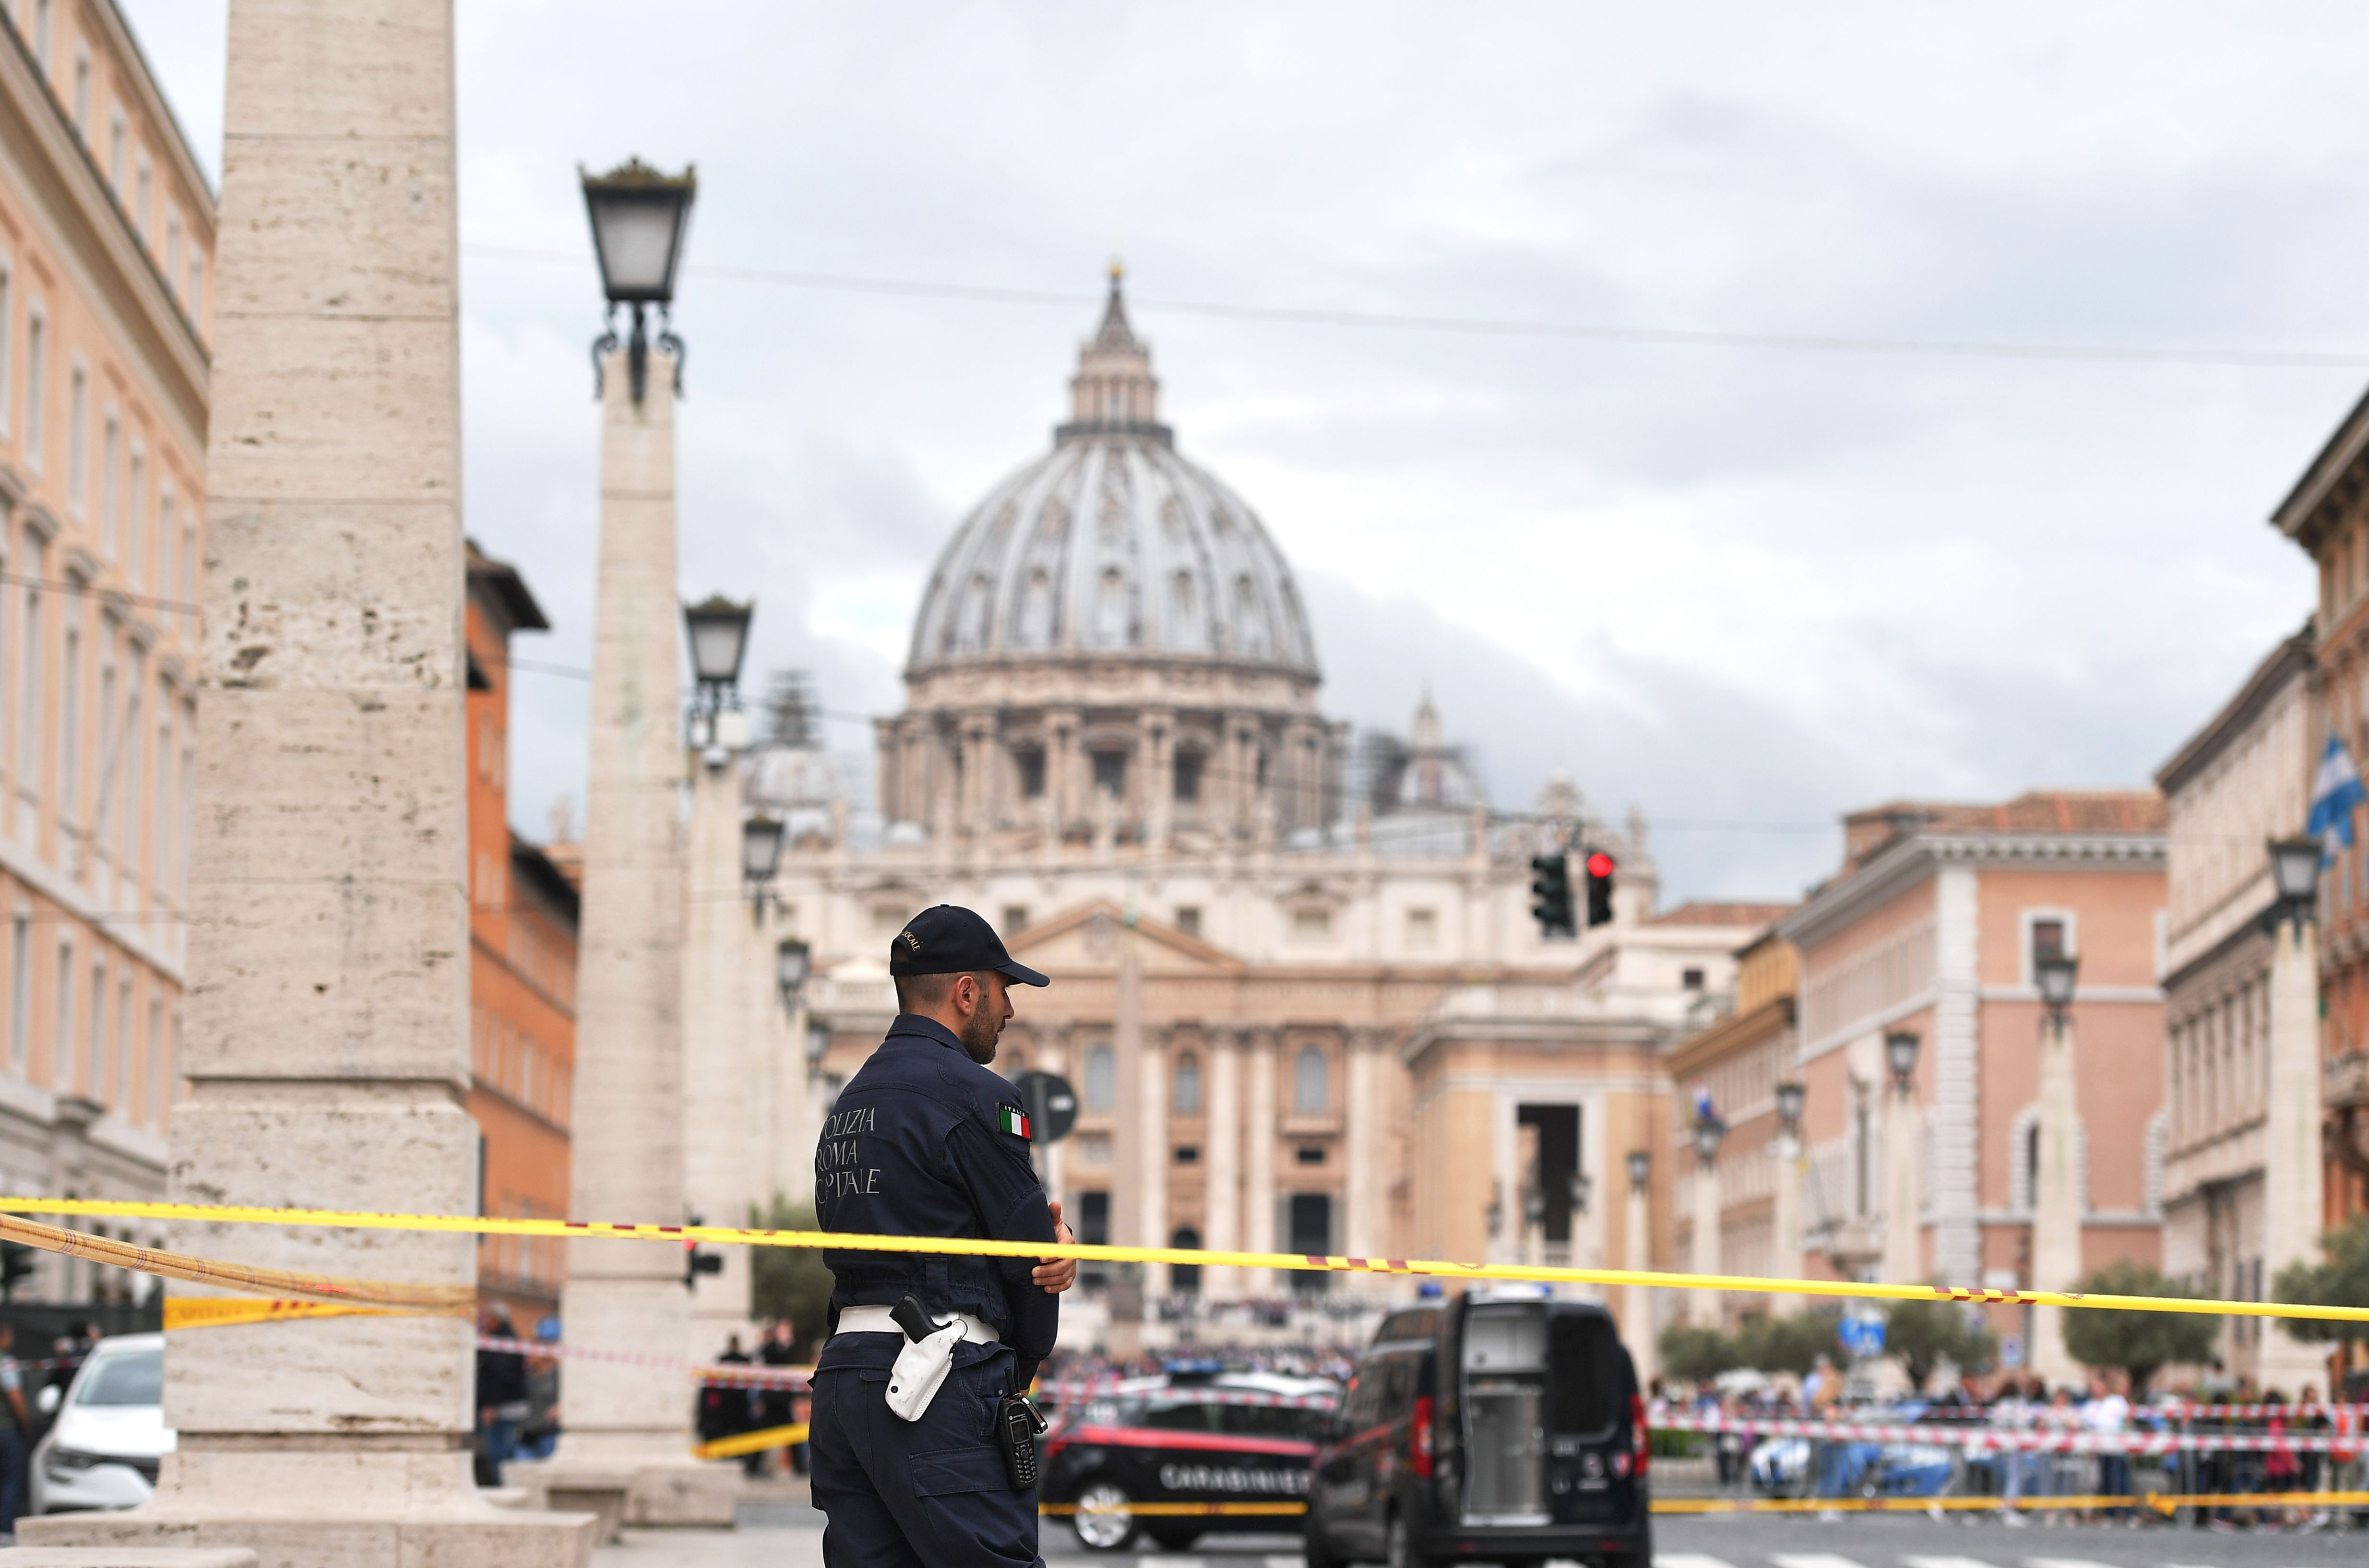 976986-صور-انذار-قرب-الفاتيكان-بسبب-العثور-على-قنبلة-(5)